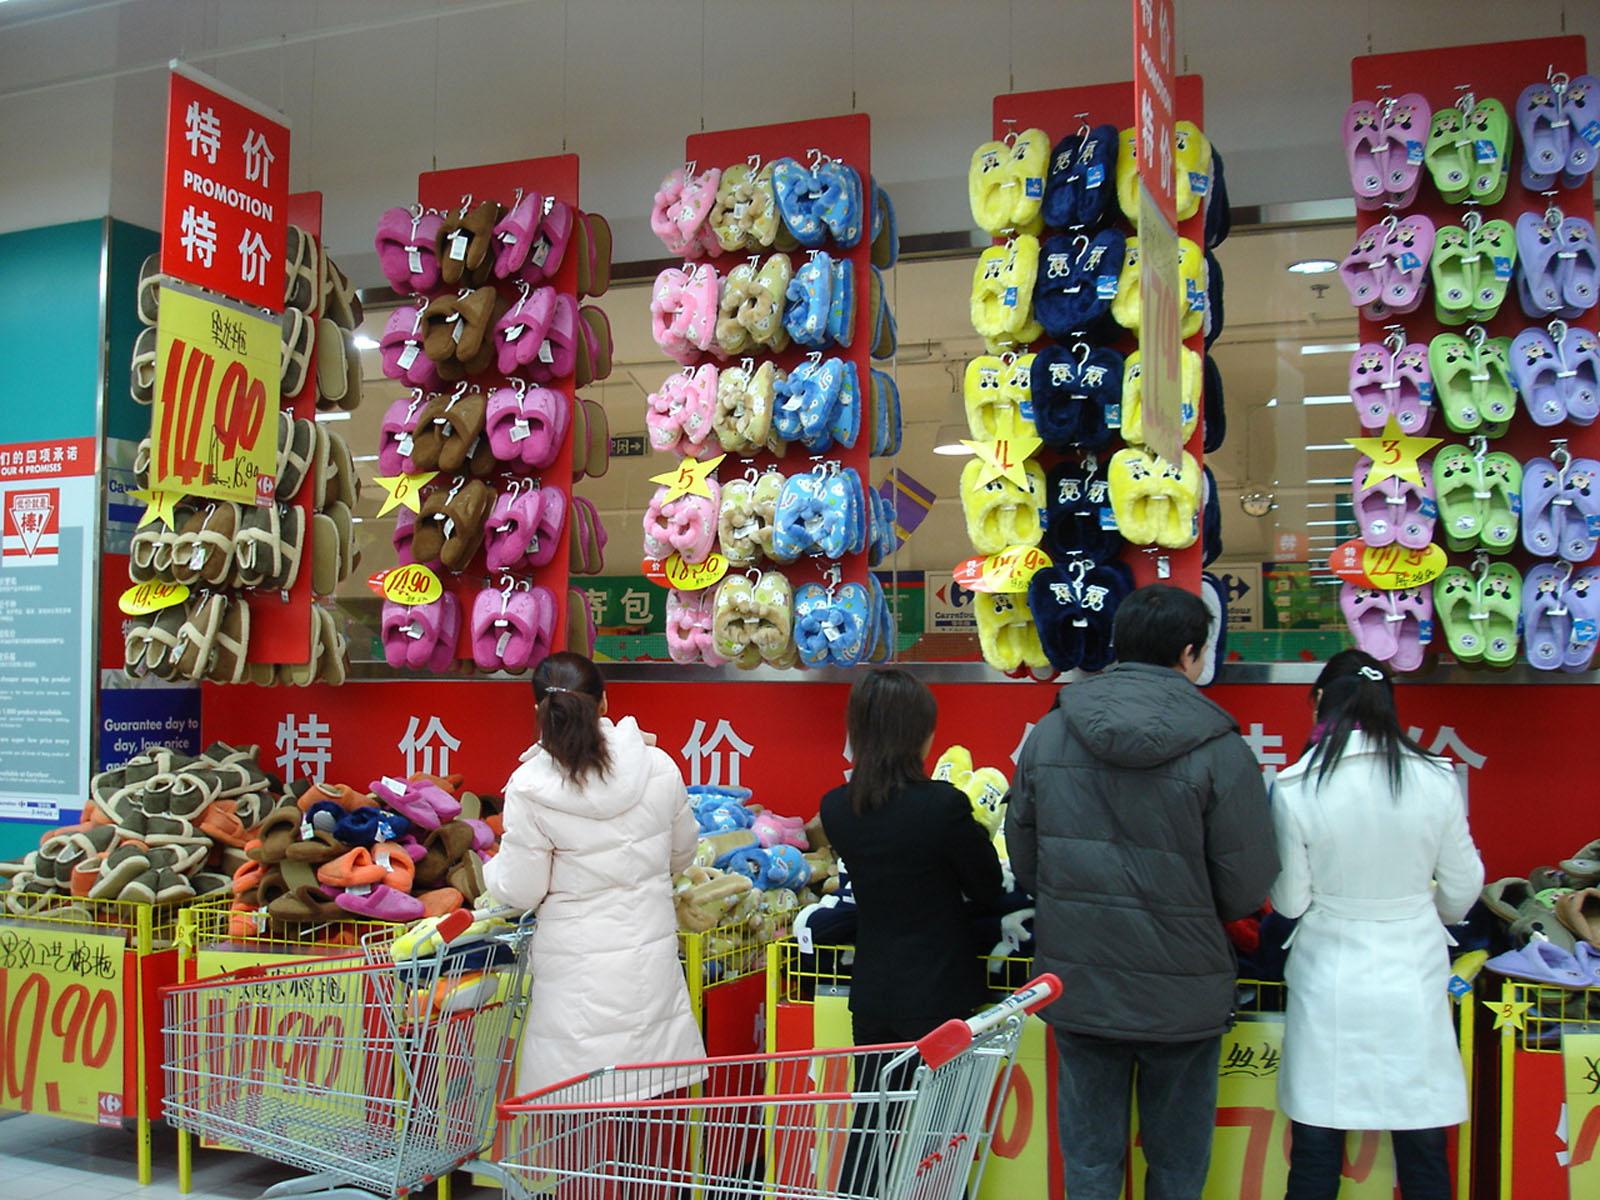 拖鞋陈列创意图图片 超市拖鞋陈列创意图片,拖鞋创意陈列图高清图片